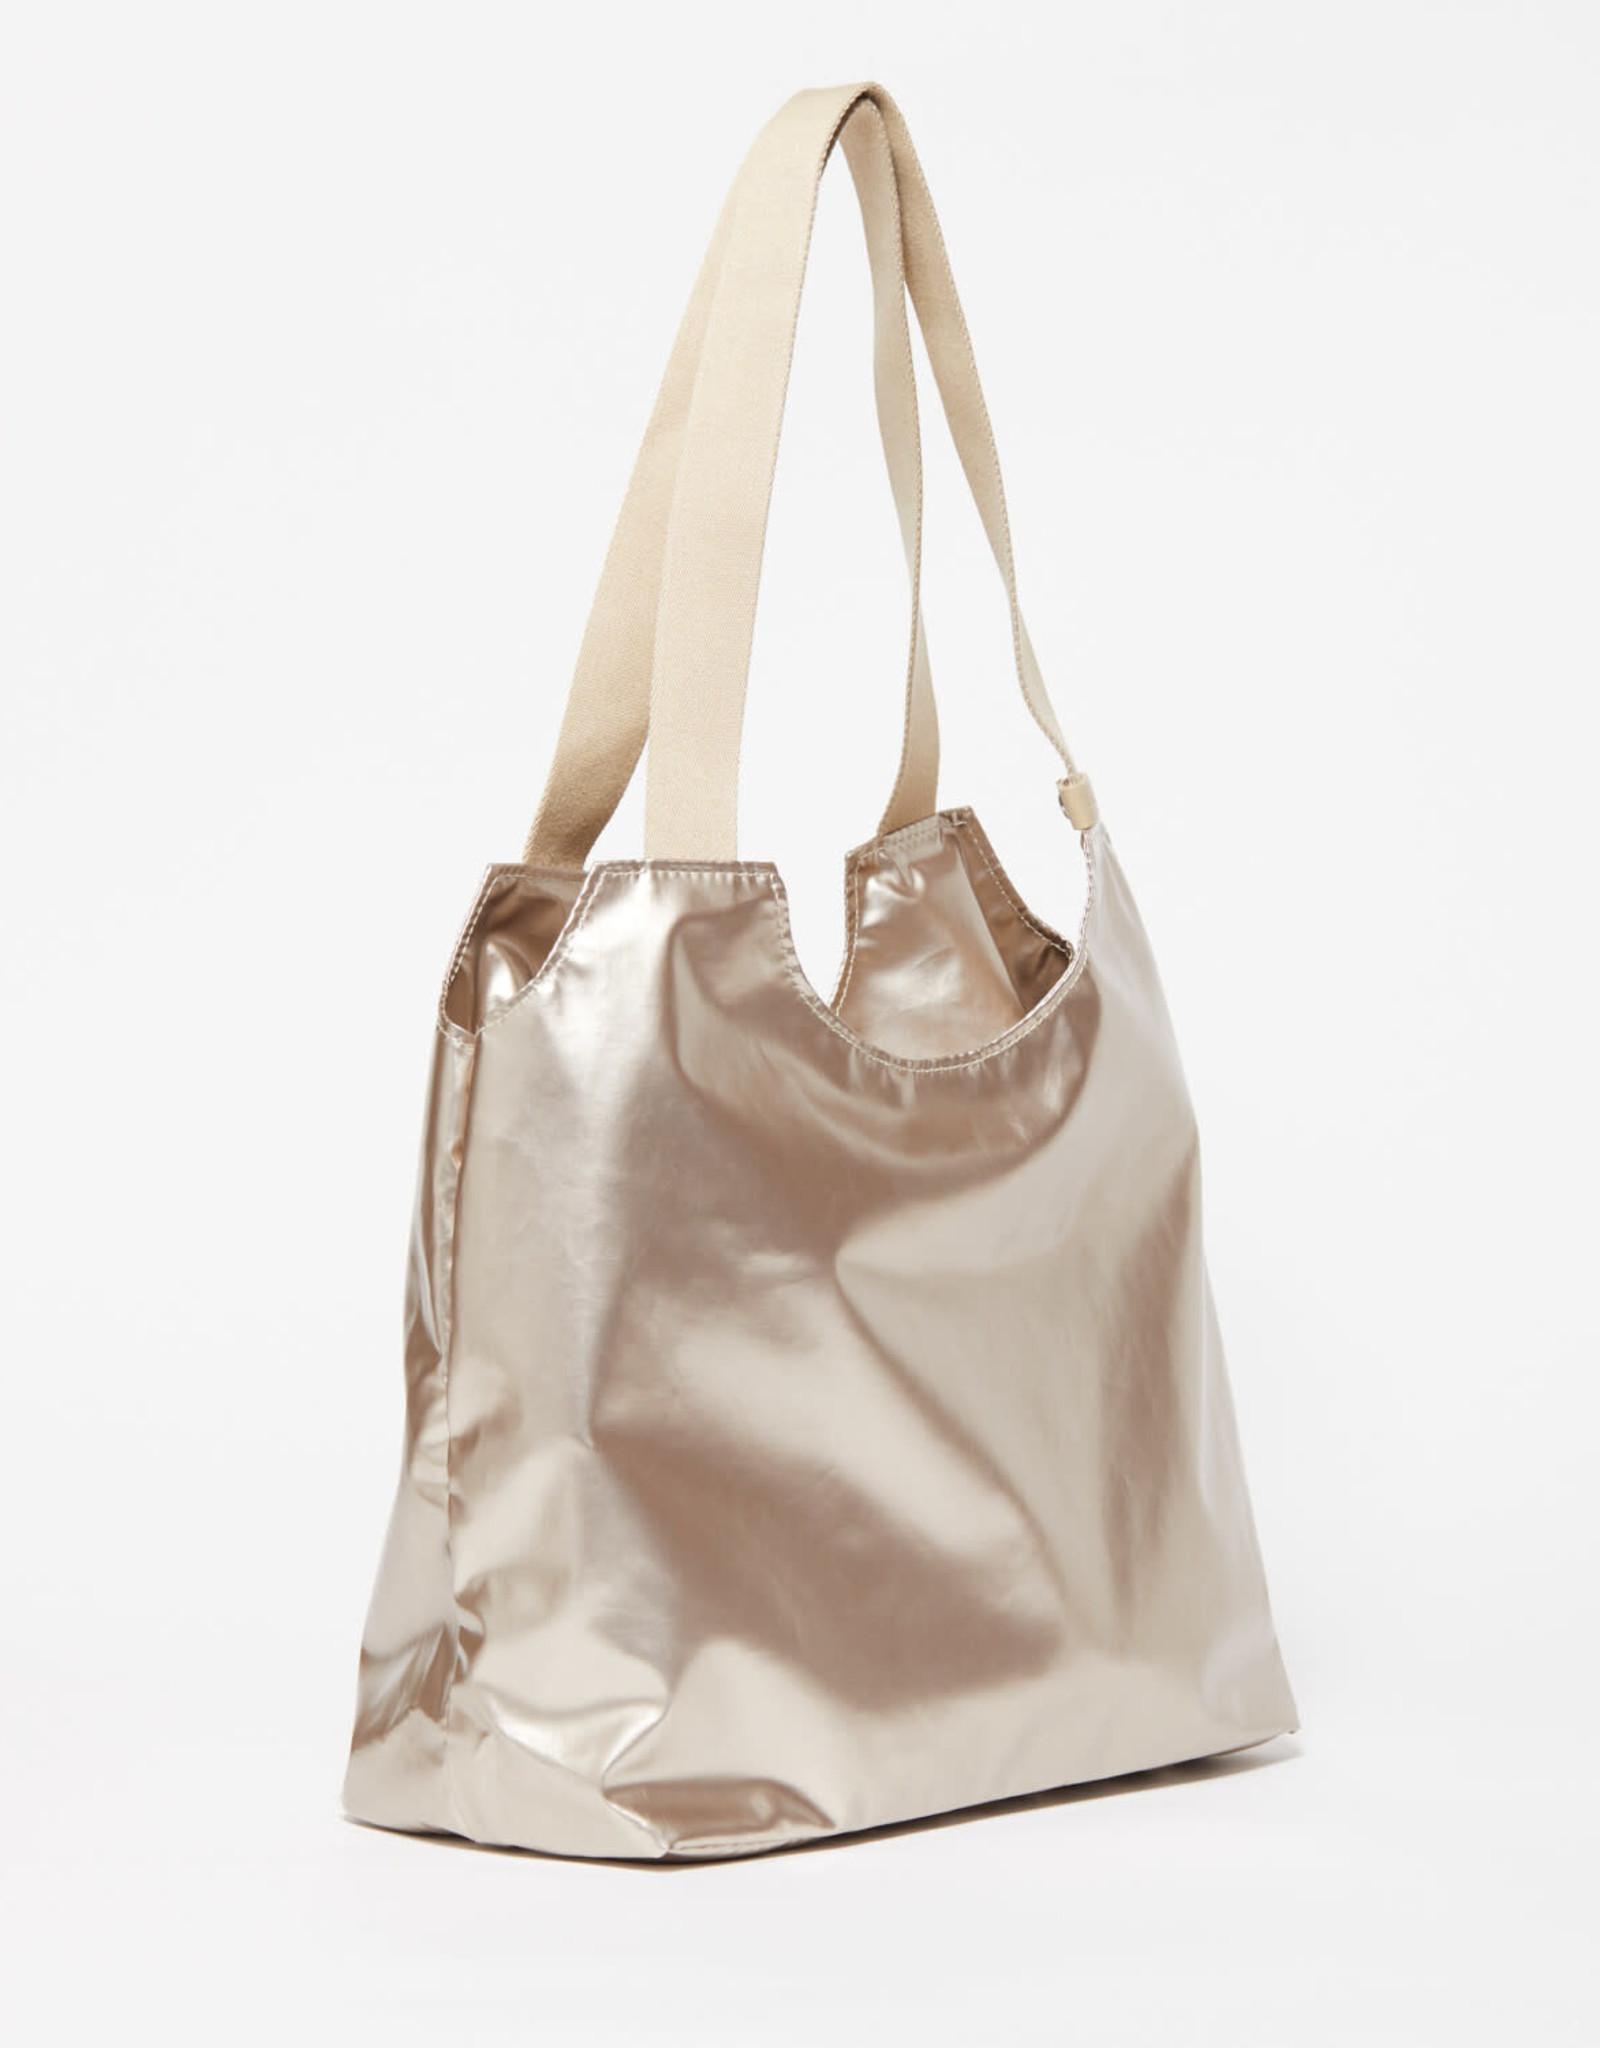 JACK GOMME Tilly Tote Bag